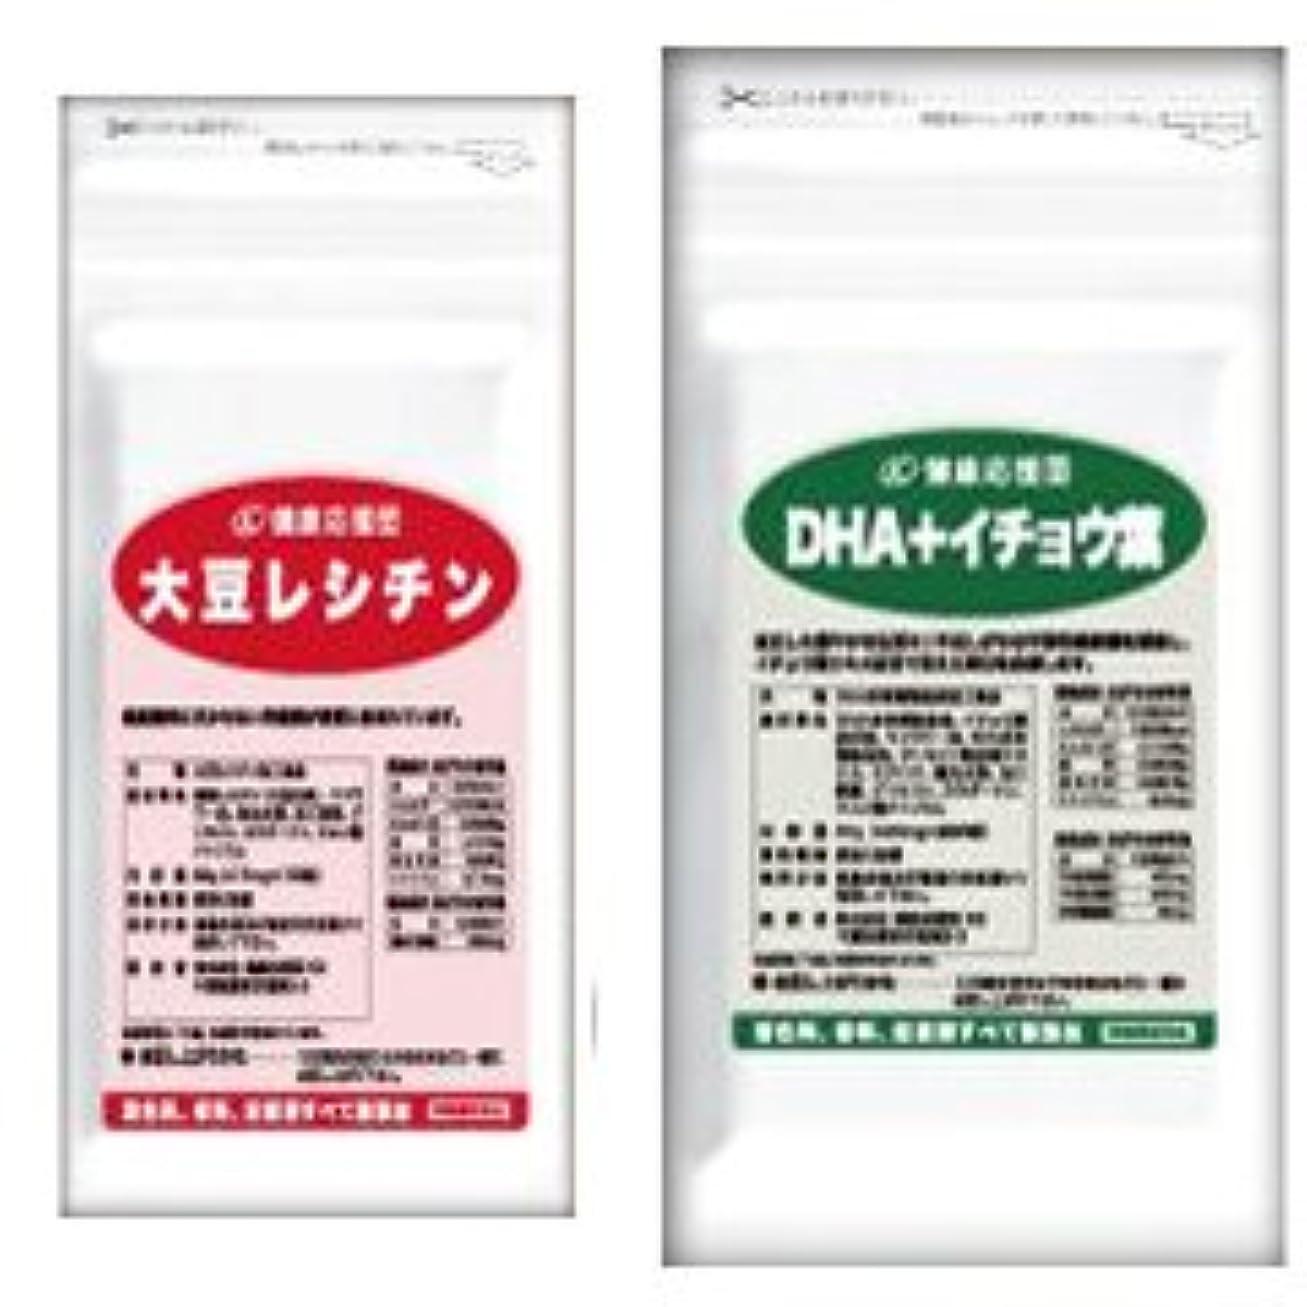 夕食を食べる灌漑自動的に(お徳用3か月分)流れサラサラセット 大豆レシチン+(DHA+イチョウ葉)3袋&3袋セット(DHA?EPA?イチョウ葉)